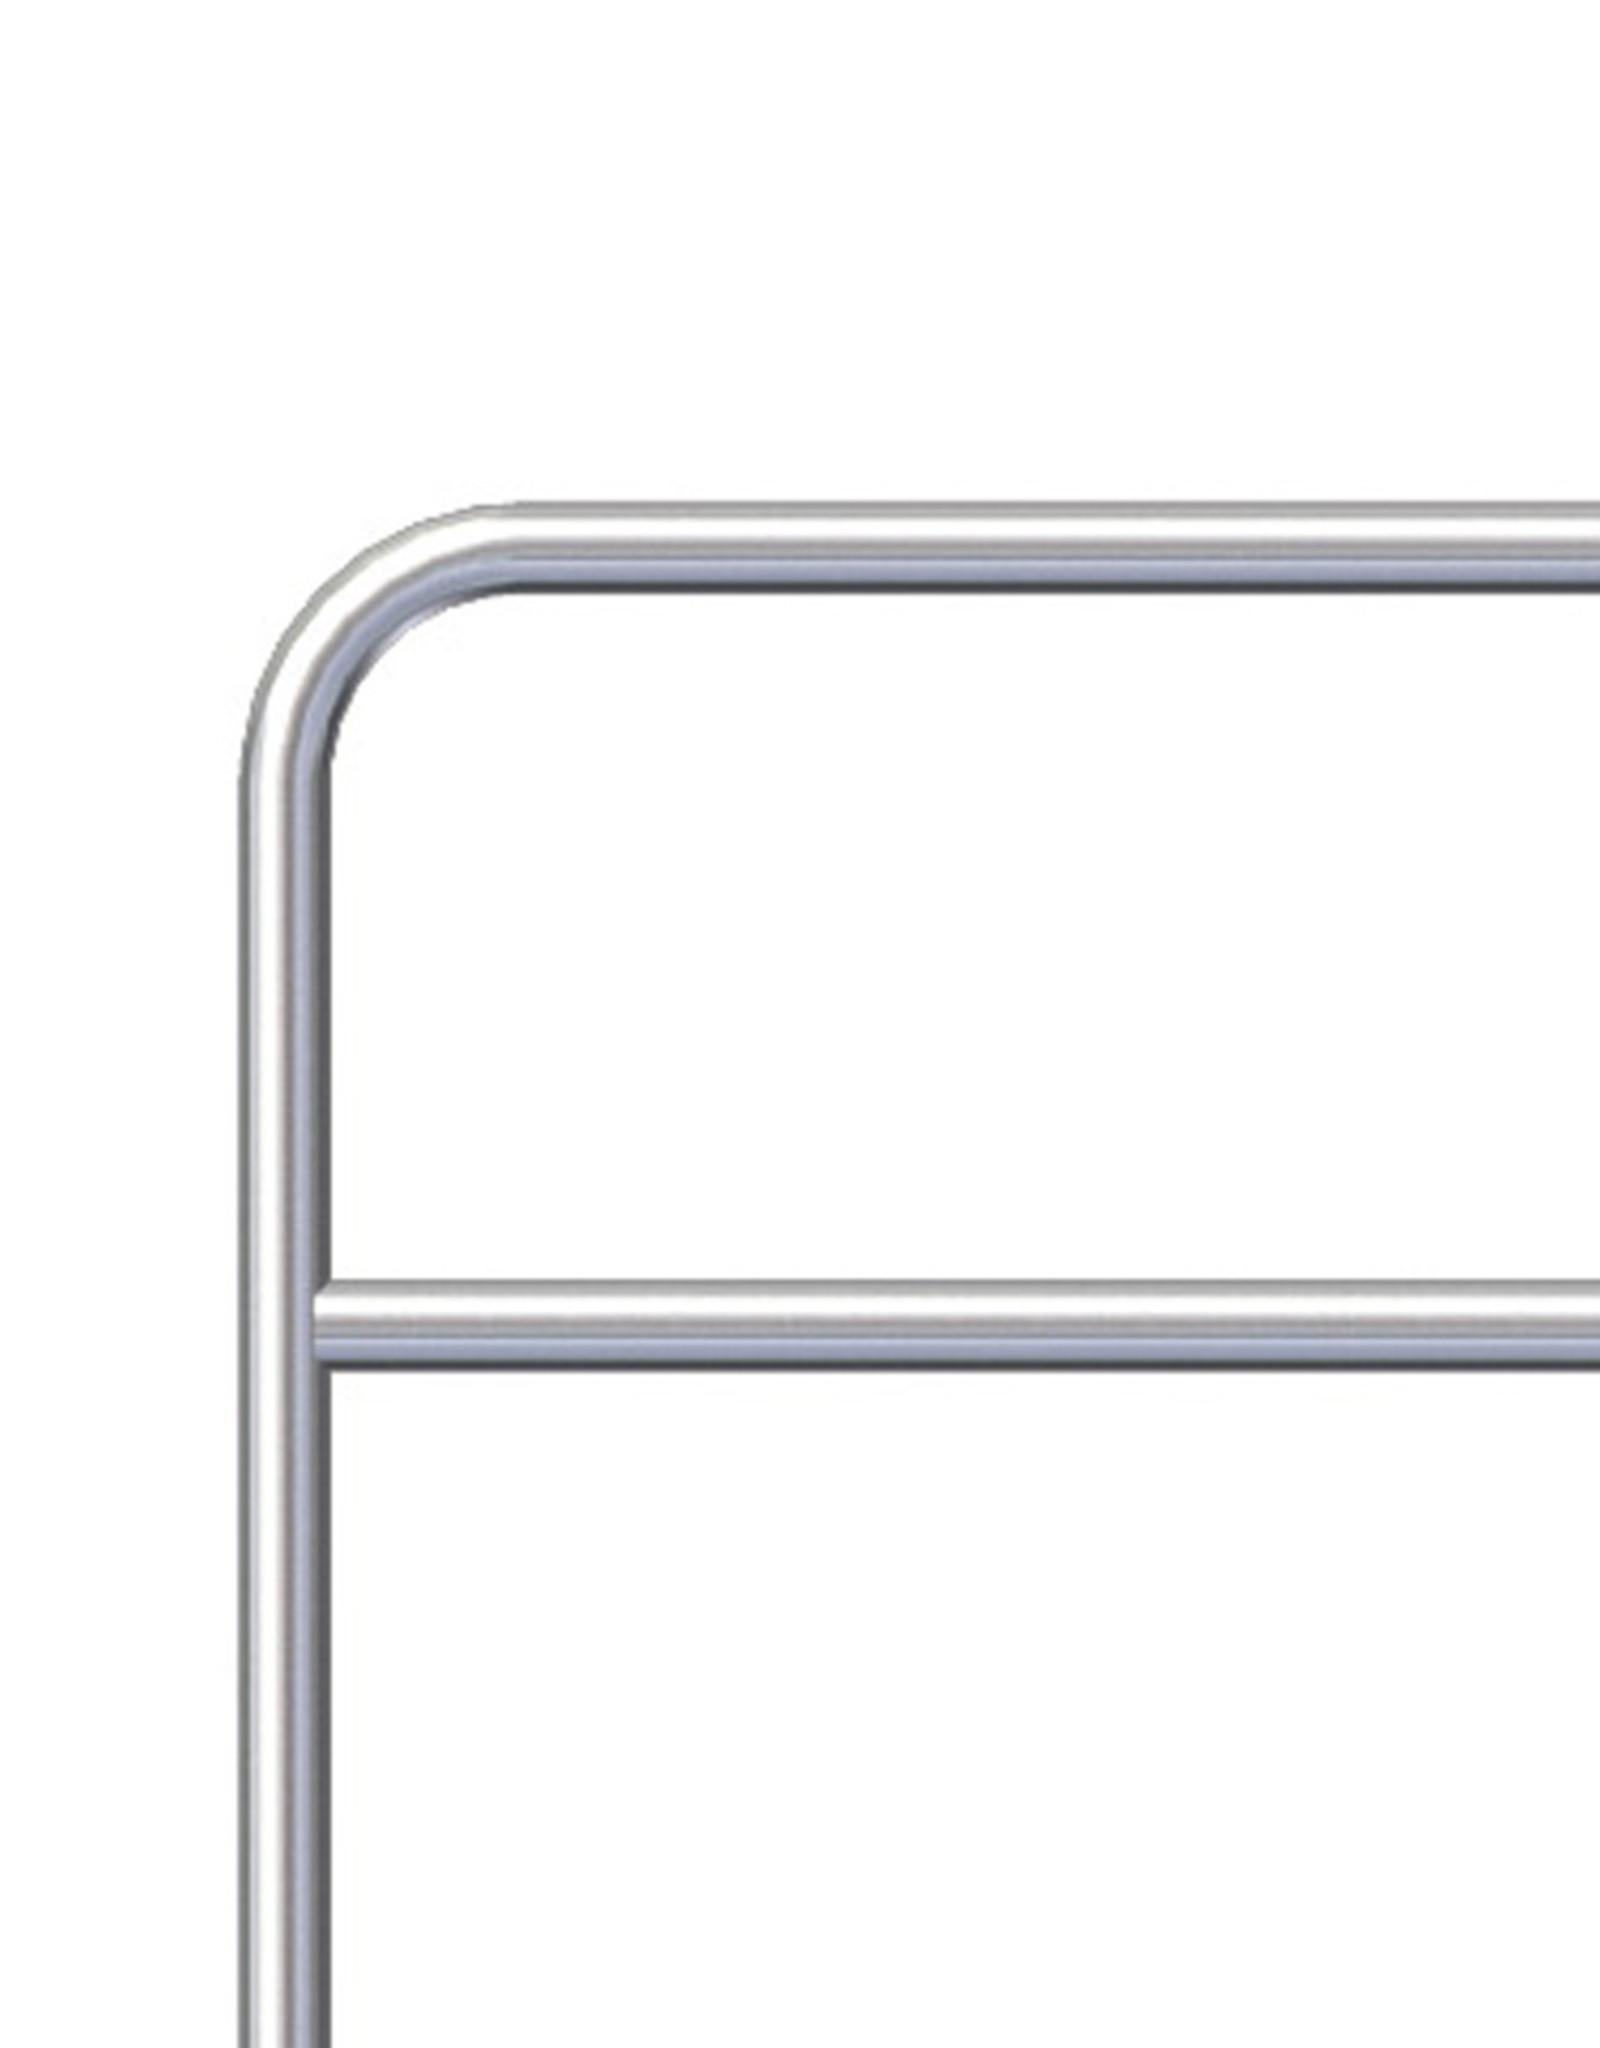 Ri-Traffic | Sluishekken Staal Gegalvaniseerd 250 cm x 140 cm